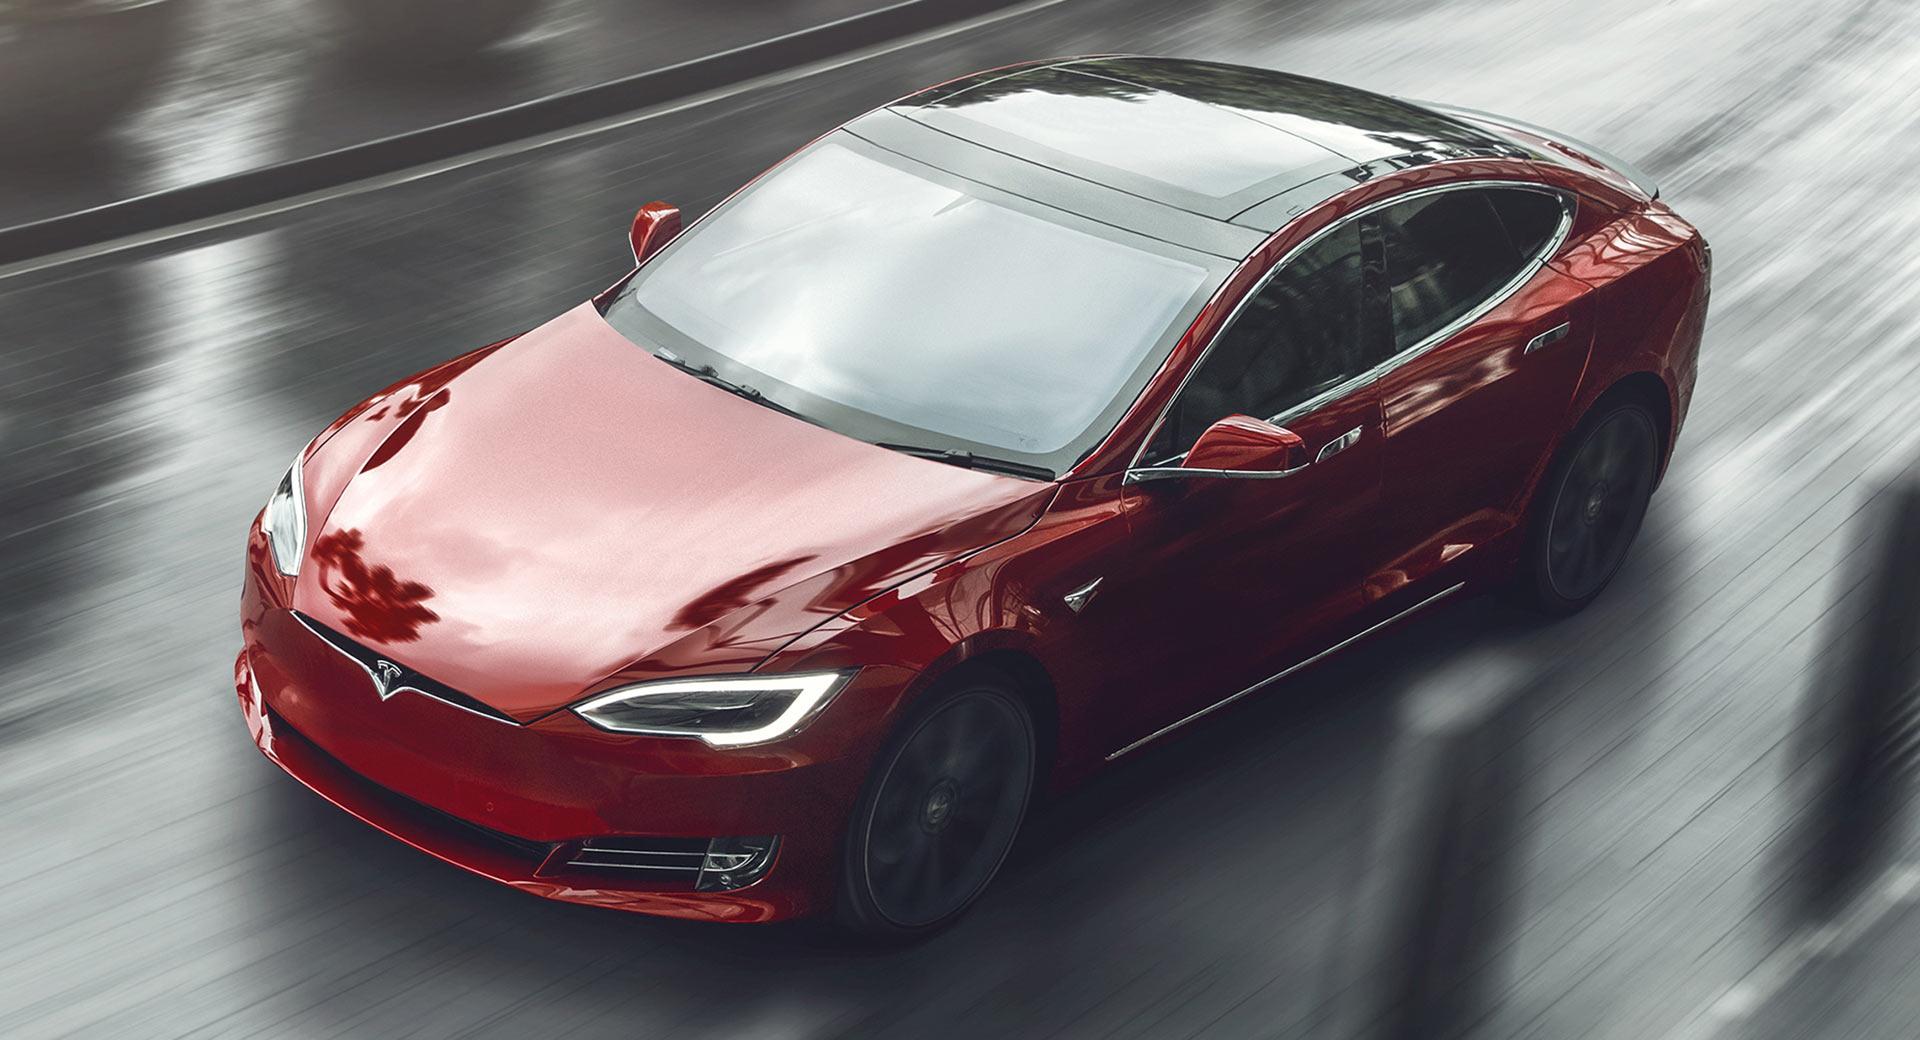 Як виглядає новий дизайн Tesla Model S